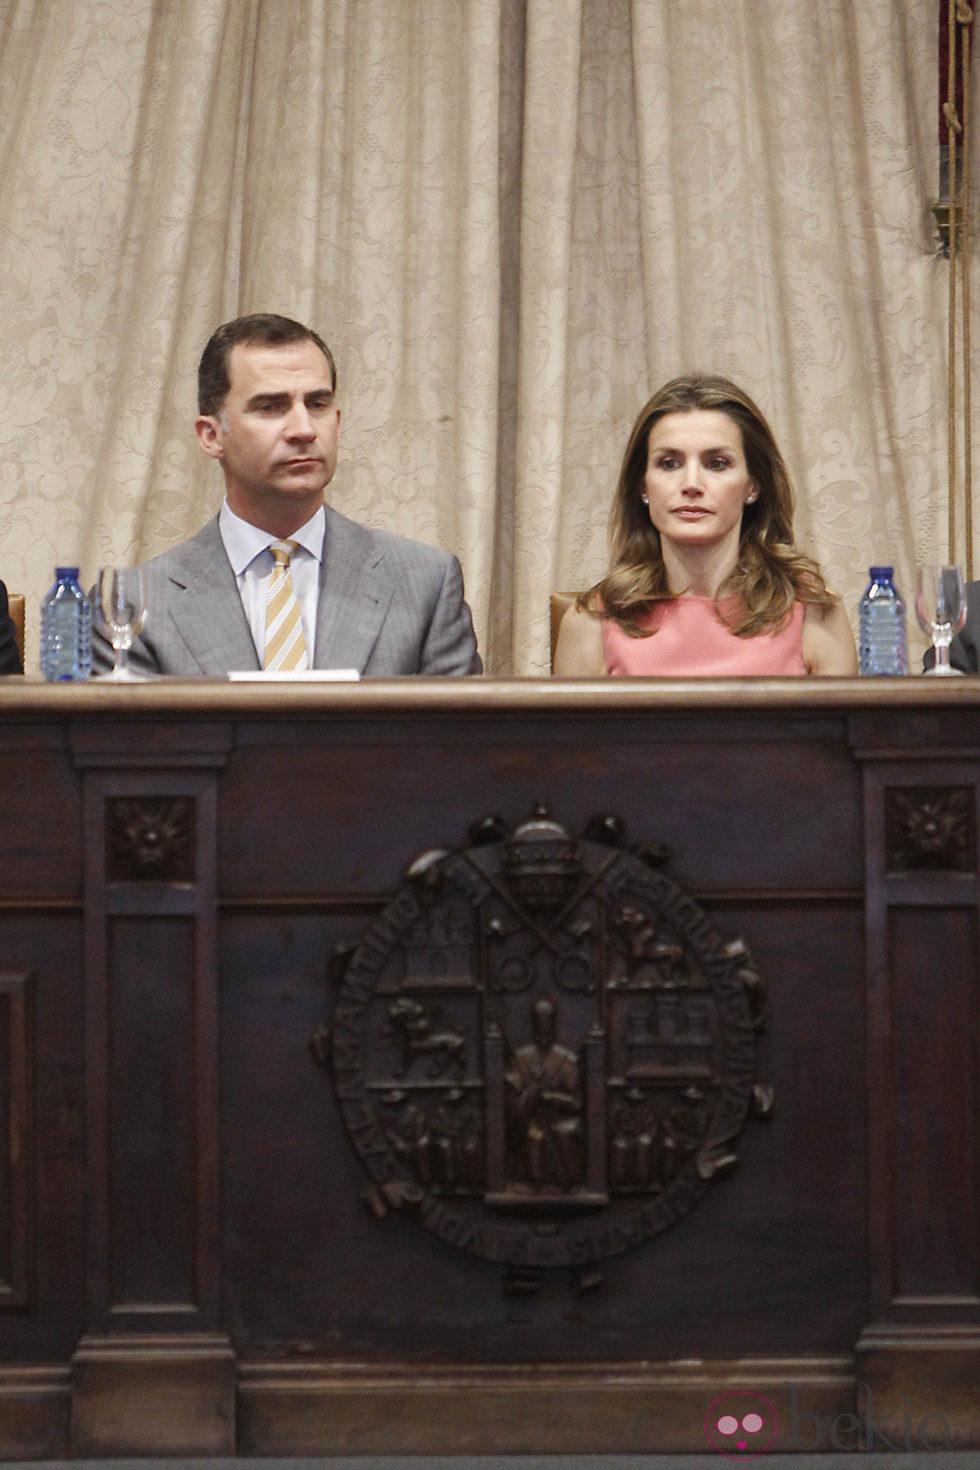 25165_principes-asturias-reunion-anual-directores-cervantes.jpg